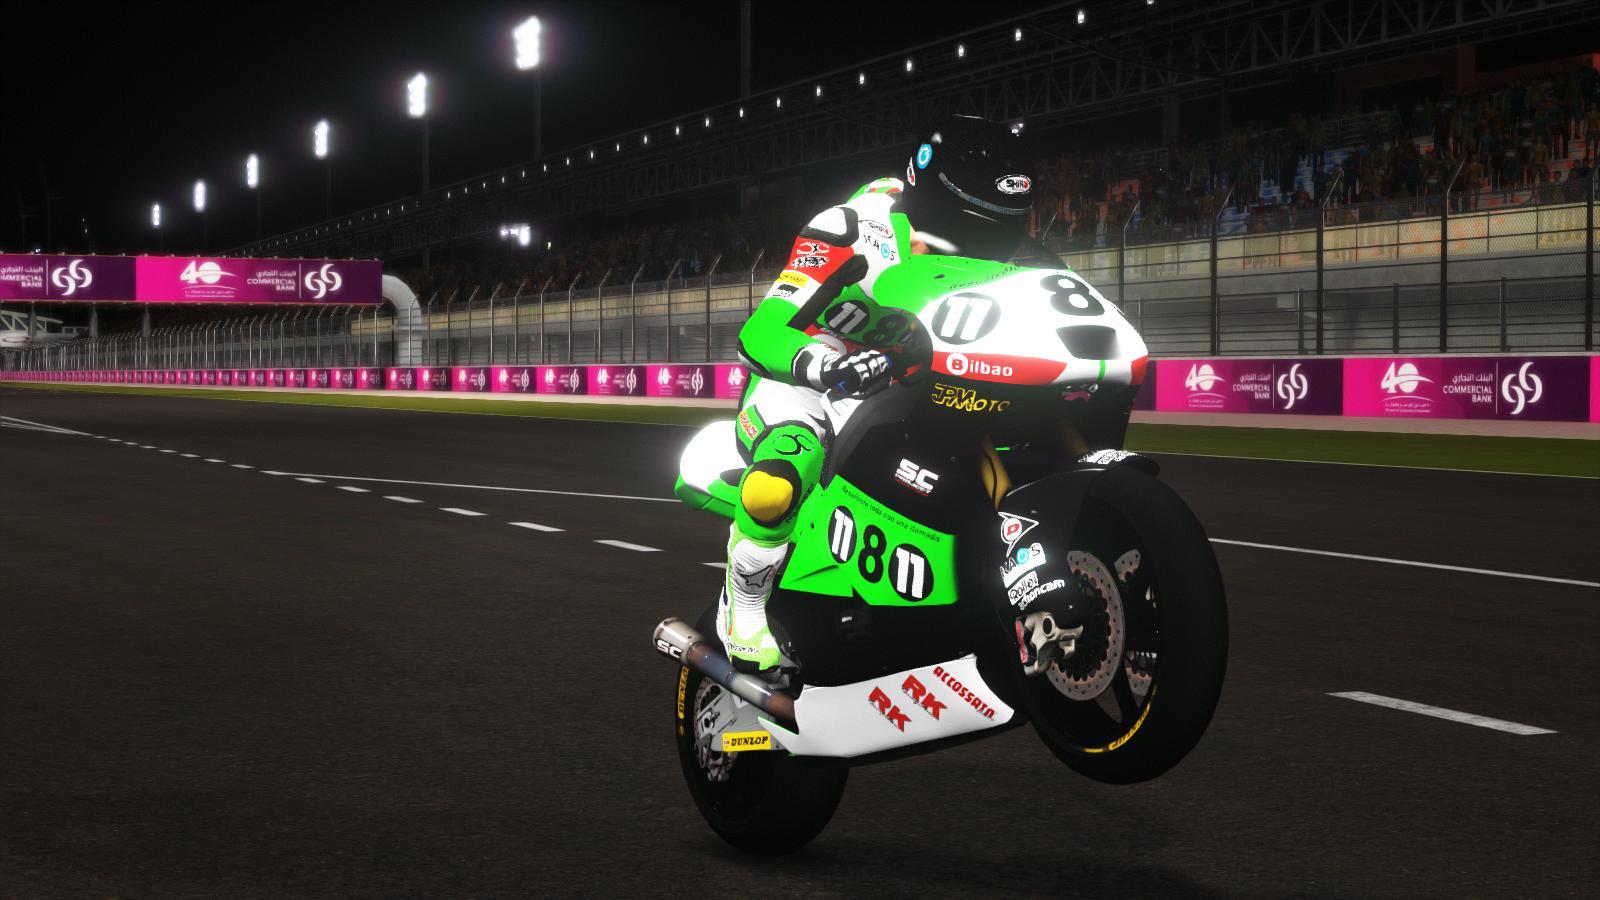 MotoGP15X64 2016-03-22 03-12-11-31.jpg